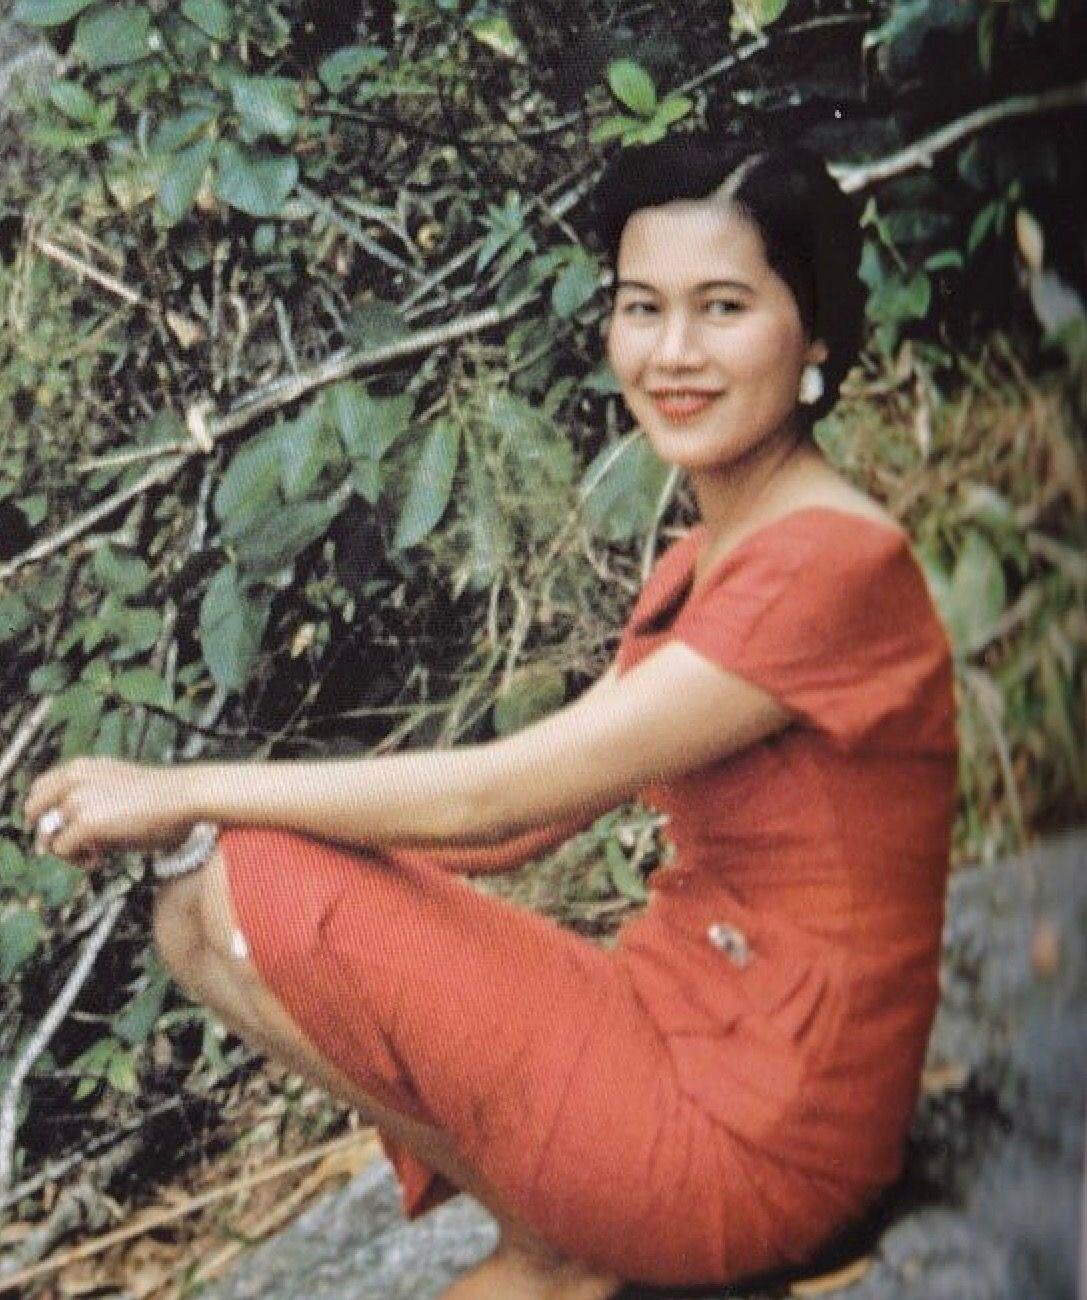 สมเด็จพันปีหลวง: ปักพินโดย Paweewan Wimana ใน Our Beloved Thai King&Queen